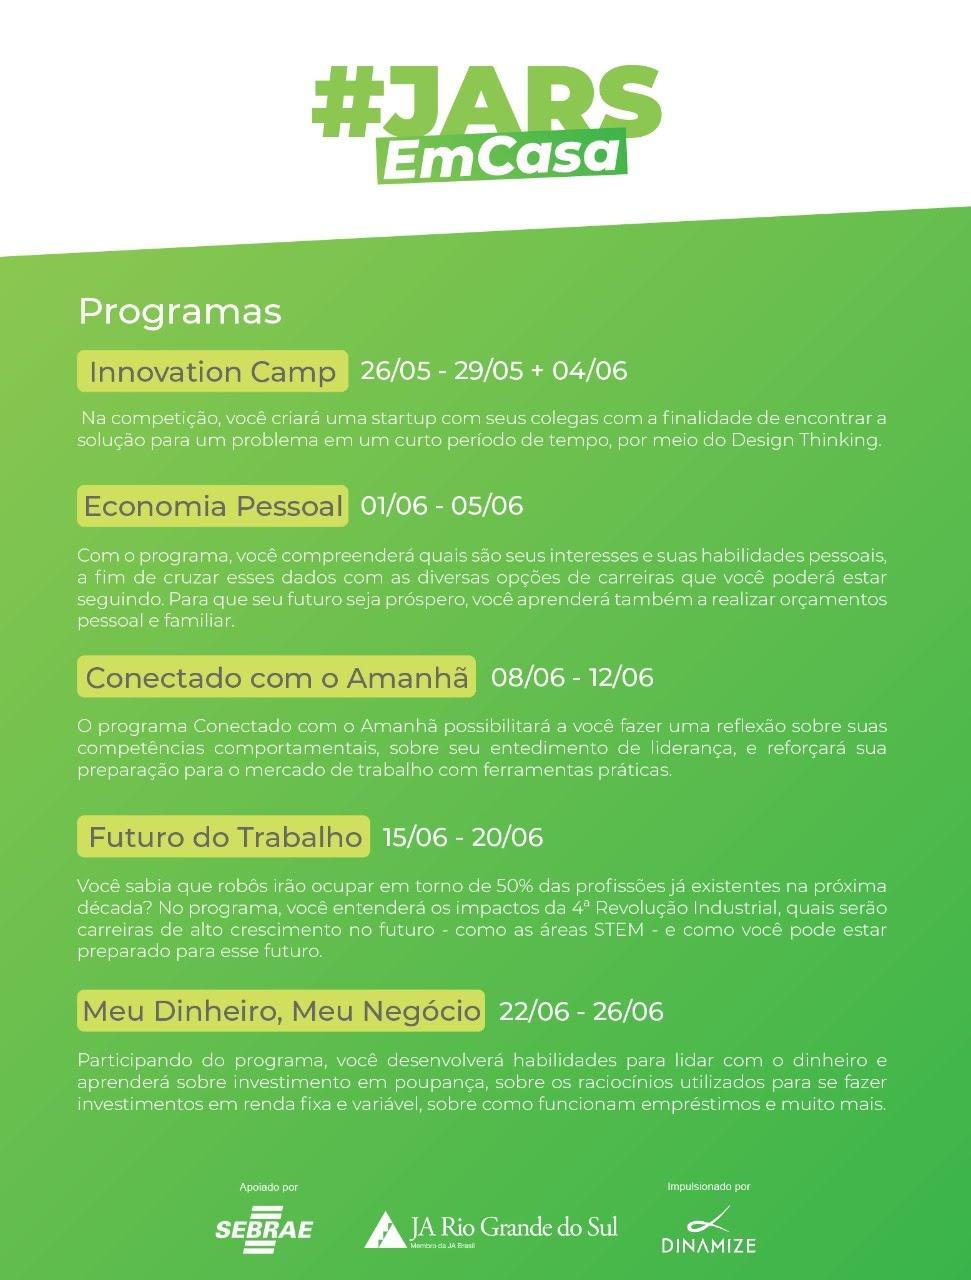 Programas EAD da JA Brasil